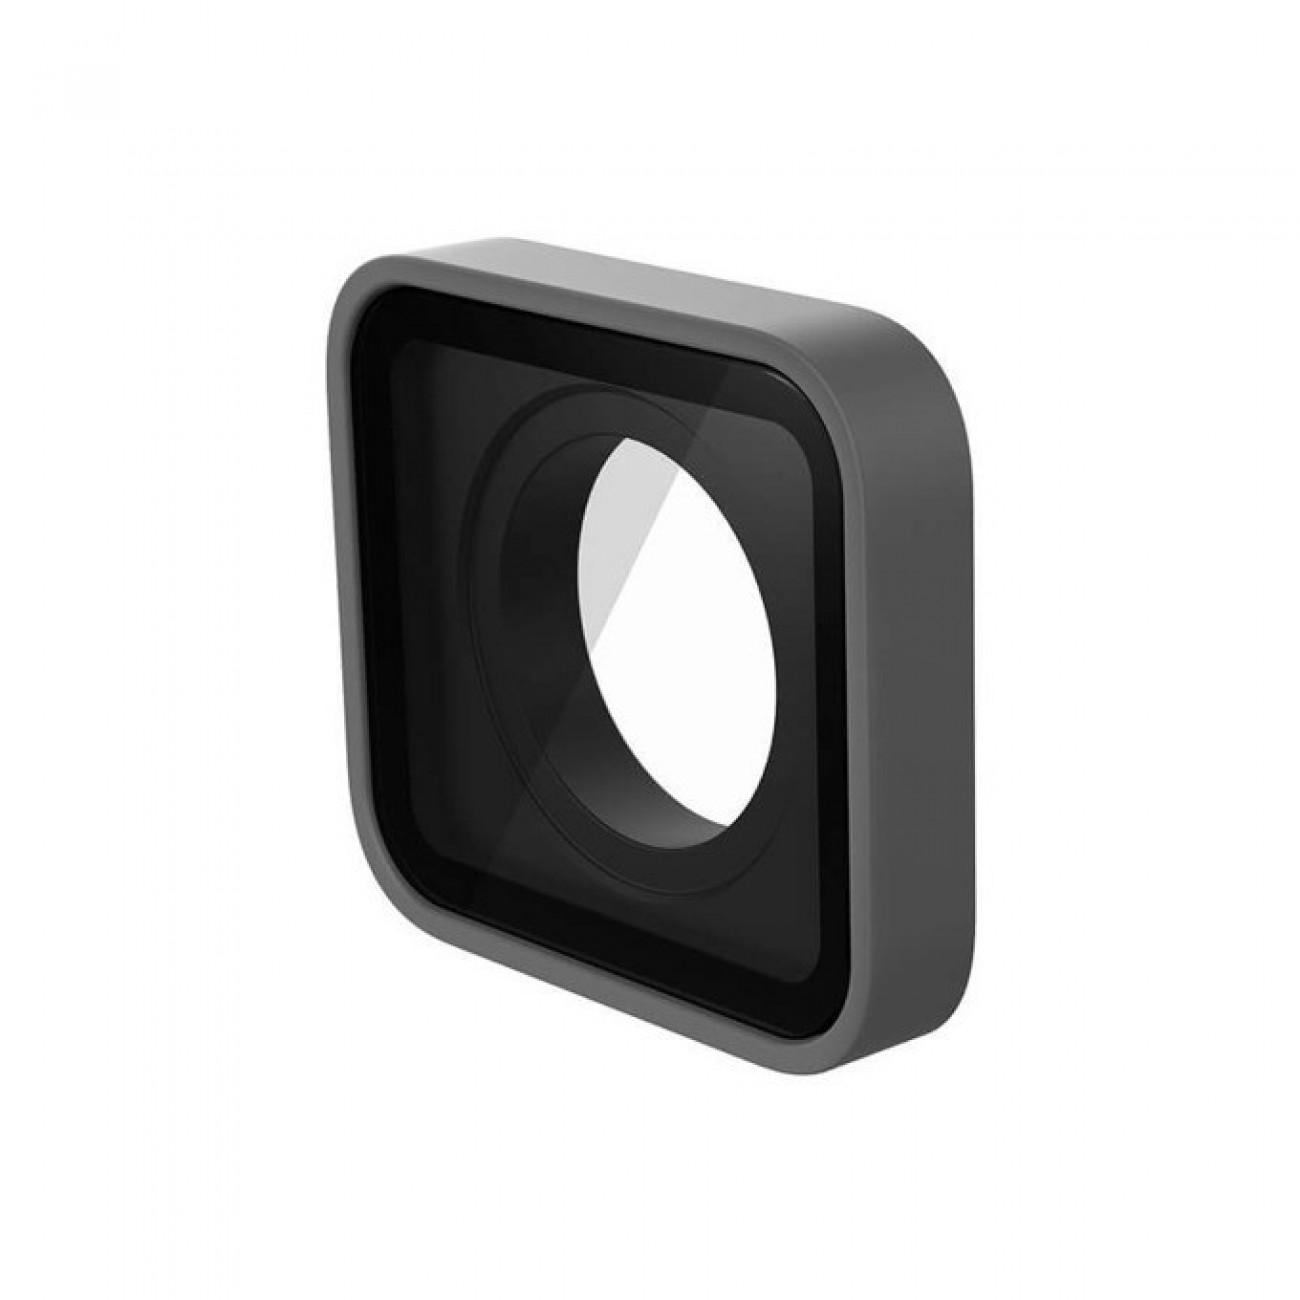 Защитна леща GoPro PRotective, за GoPro Hero5 Black в Обективи аксесоари -  | Alleop